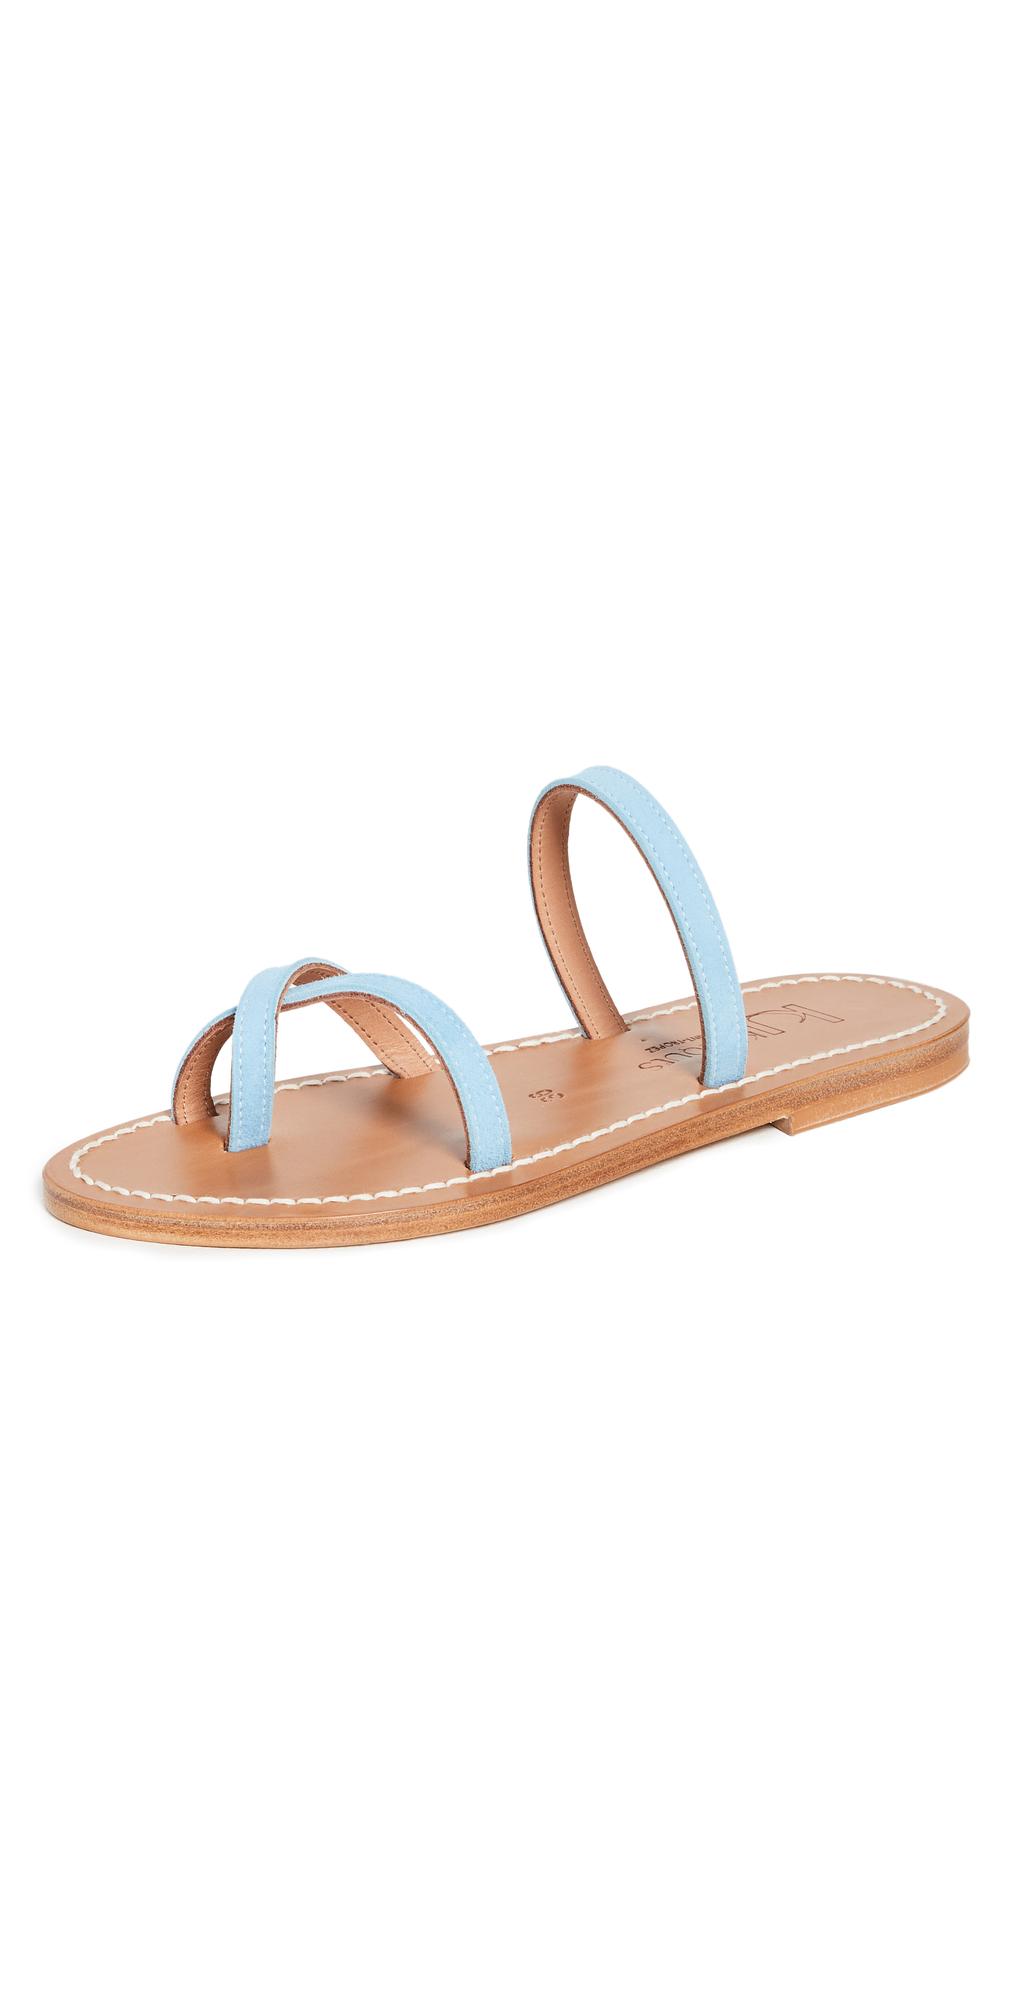 Aramis Sandals